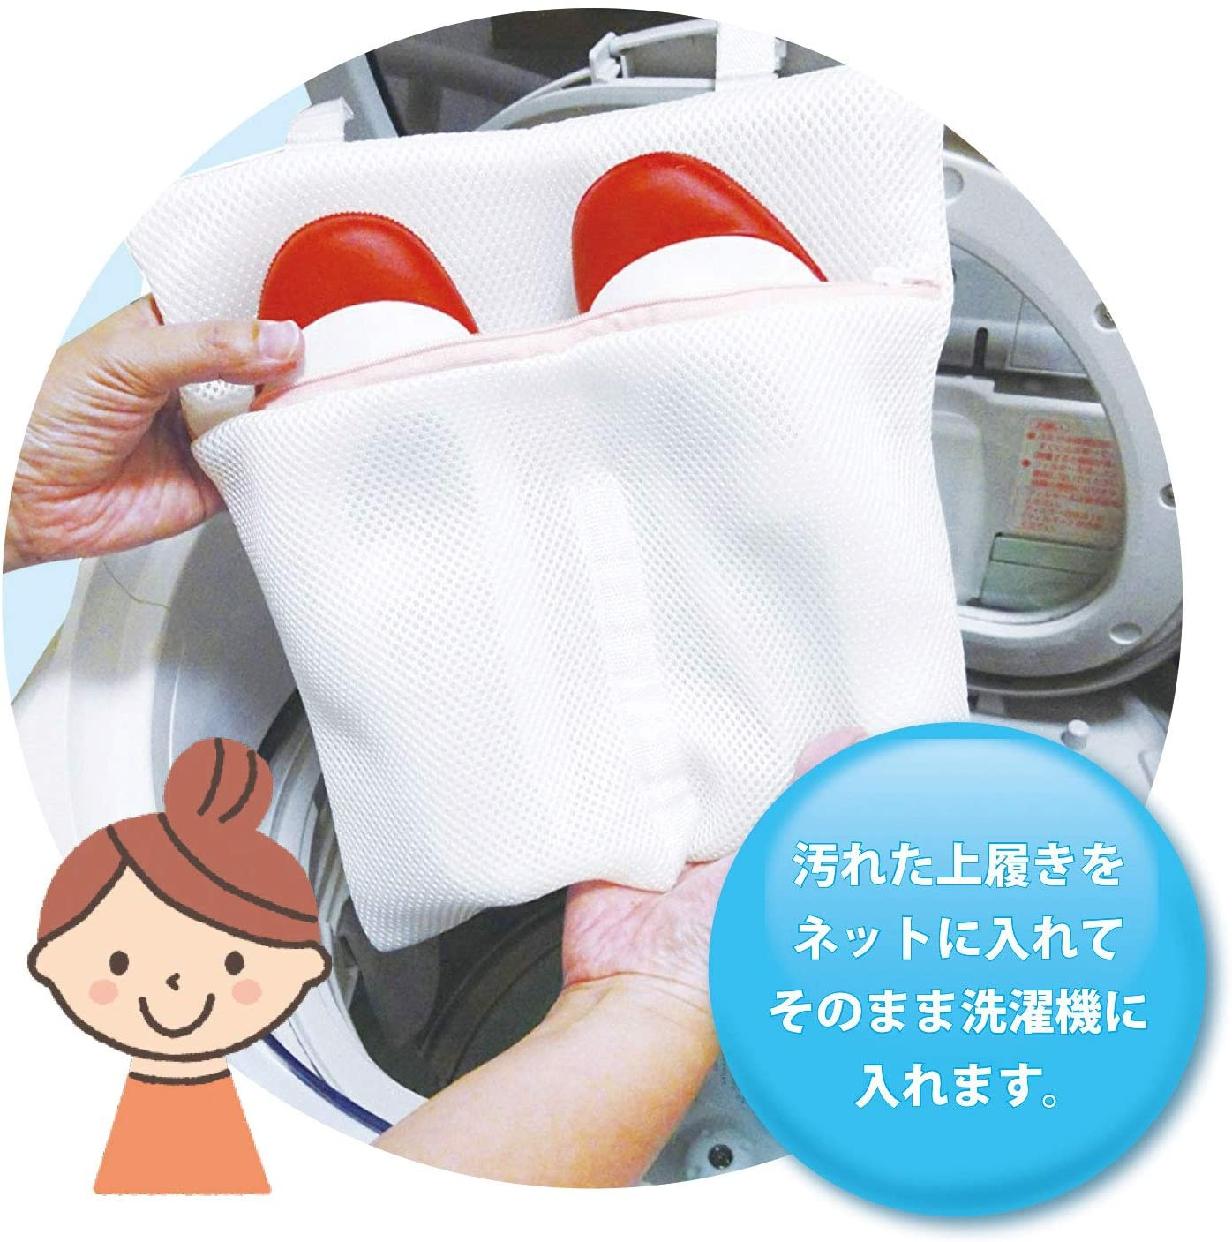 小久保工業所(KOKUBO) 上履き洗ってネットの商品画像3